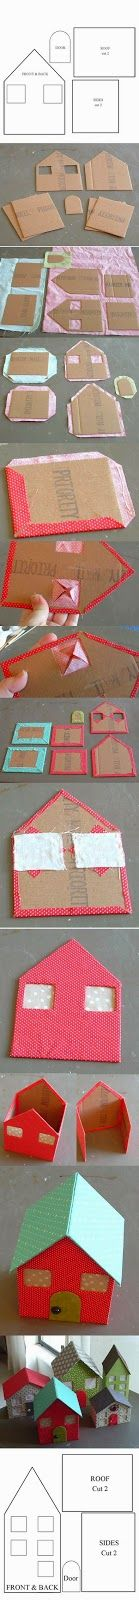 Okulöncesi Sanat ve Fen Etkinlikleri: Karton Maket Ev Yapımı